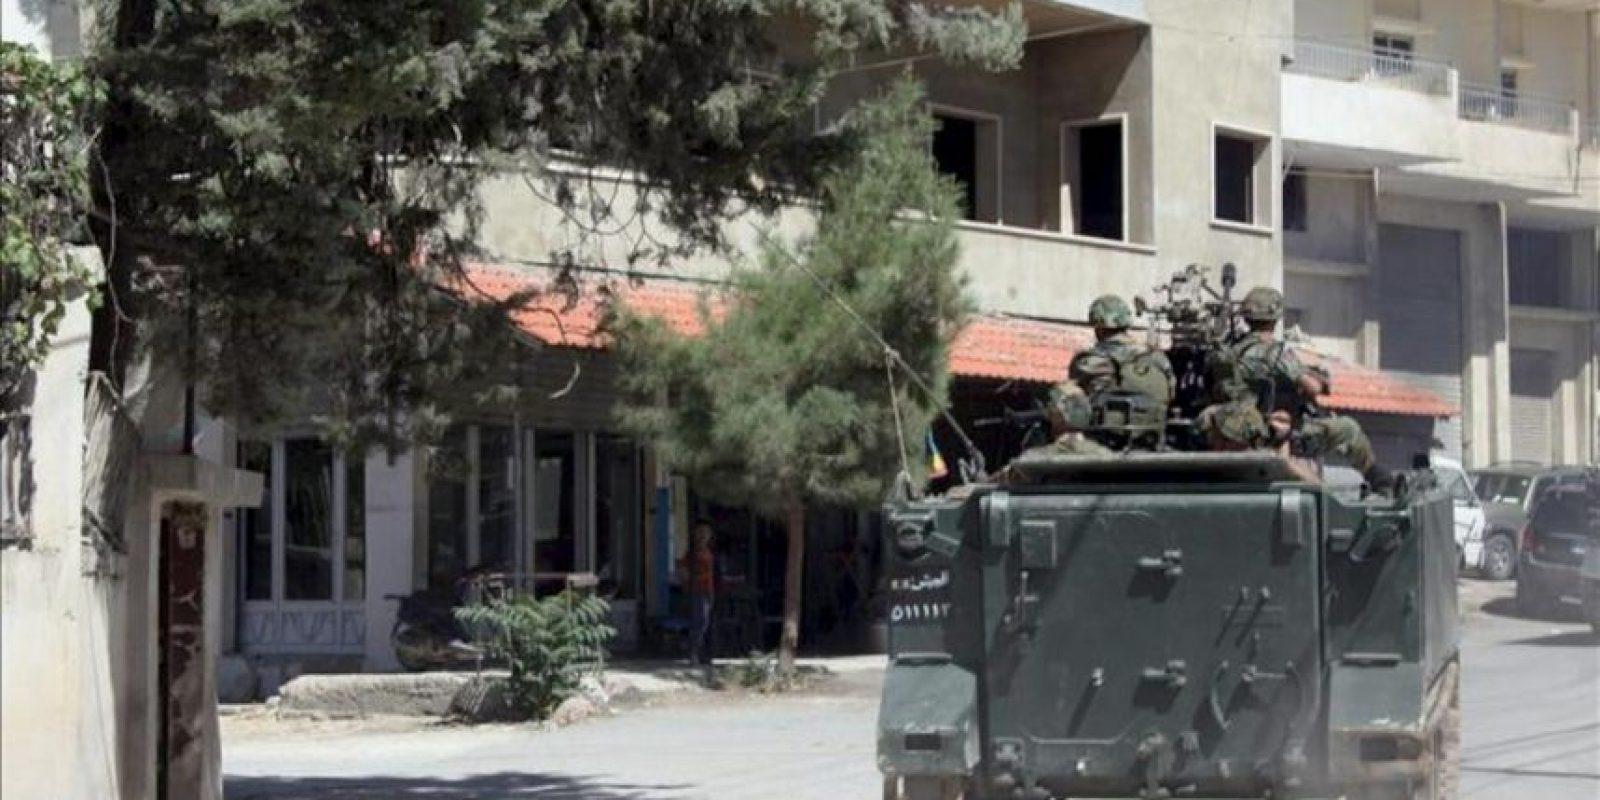 Soldados del ejército libanés en su vehículo blindado patrulla una calle en Baalbek, Líbano. EFE